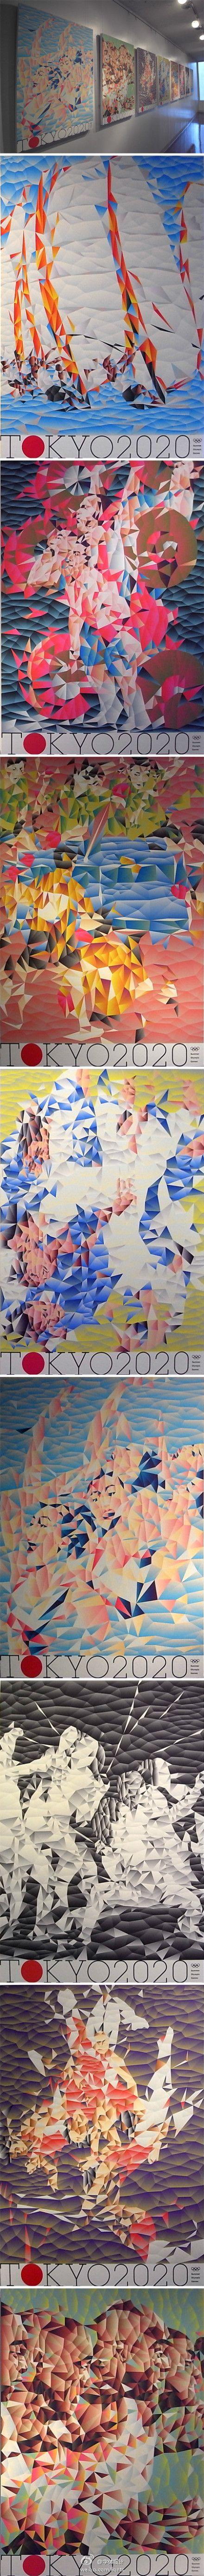 #东京申奥成功#东京2020奥运会海报设计,共八张,by 尾崎友則。像马赛克,怀旧的设计风格